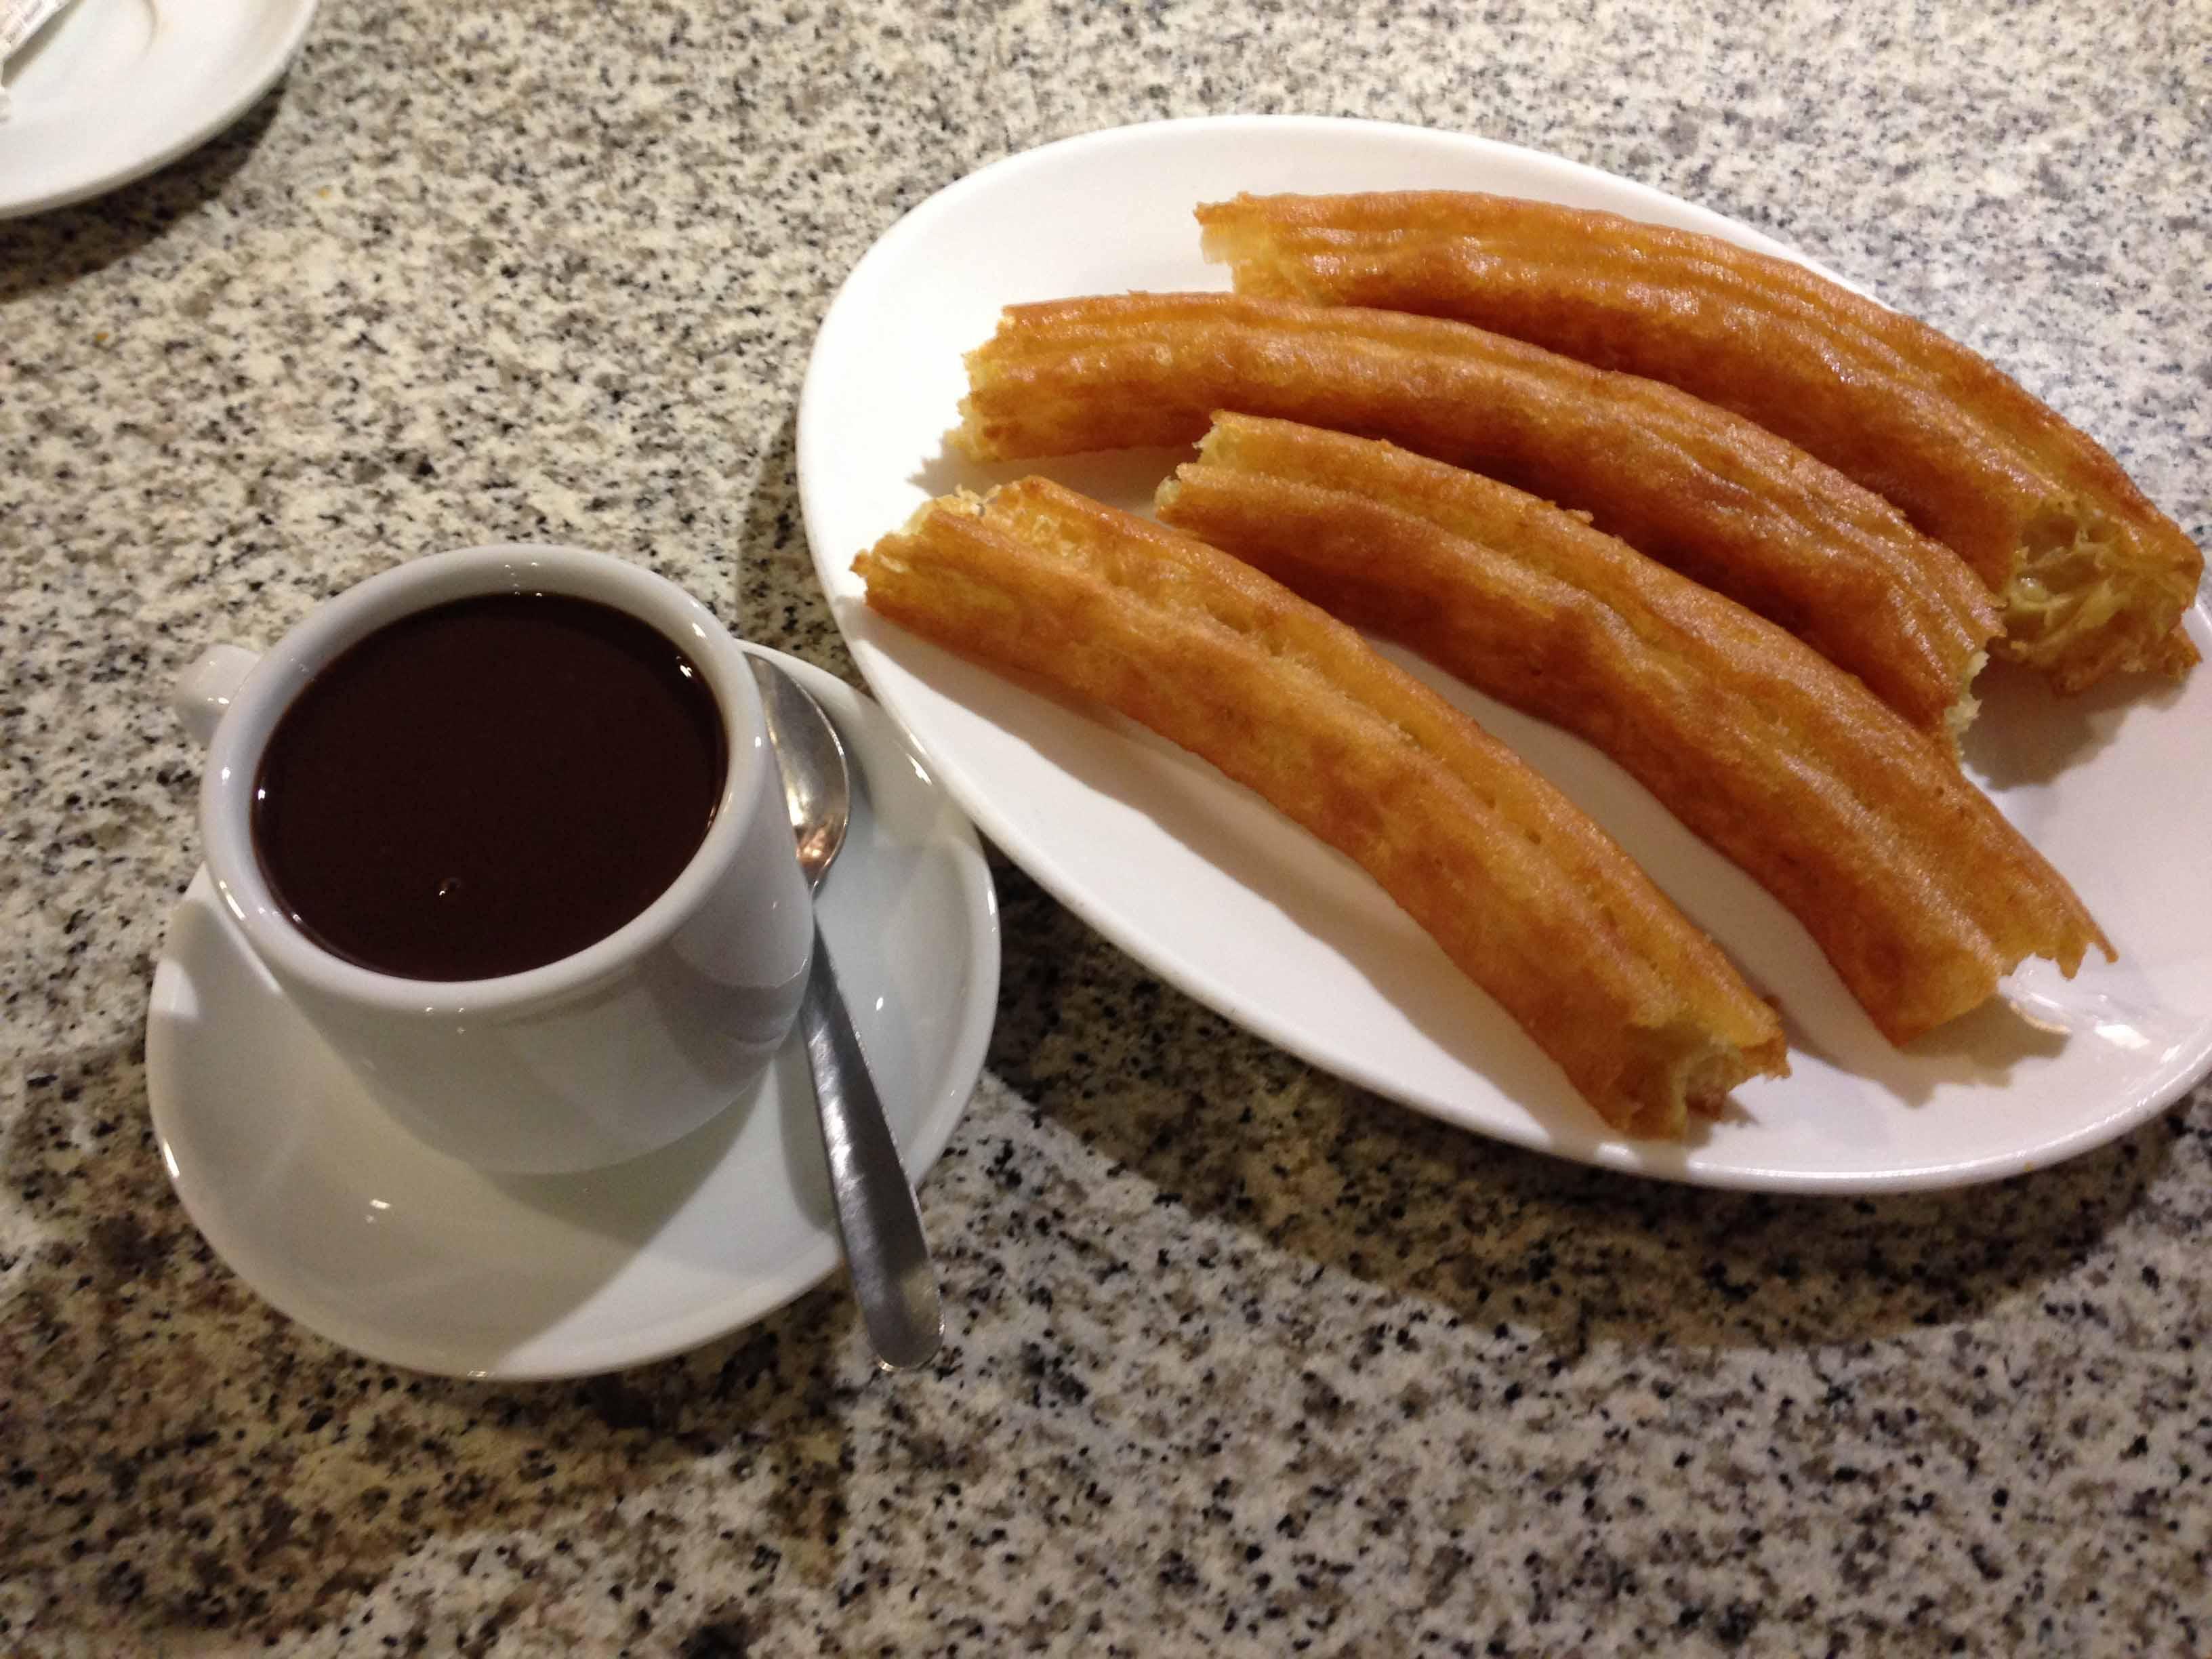 Desayuno para el domingo-http://blog.cazadesayunos.com/wp-content/uploads/2015/02/Chocolate-con-porras-Cafeter%C3%ADa-La-Cocktelera.jpg